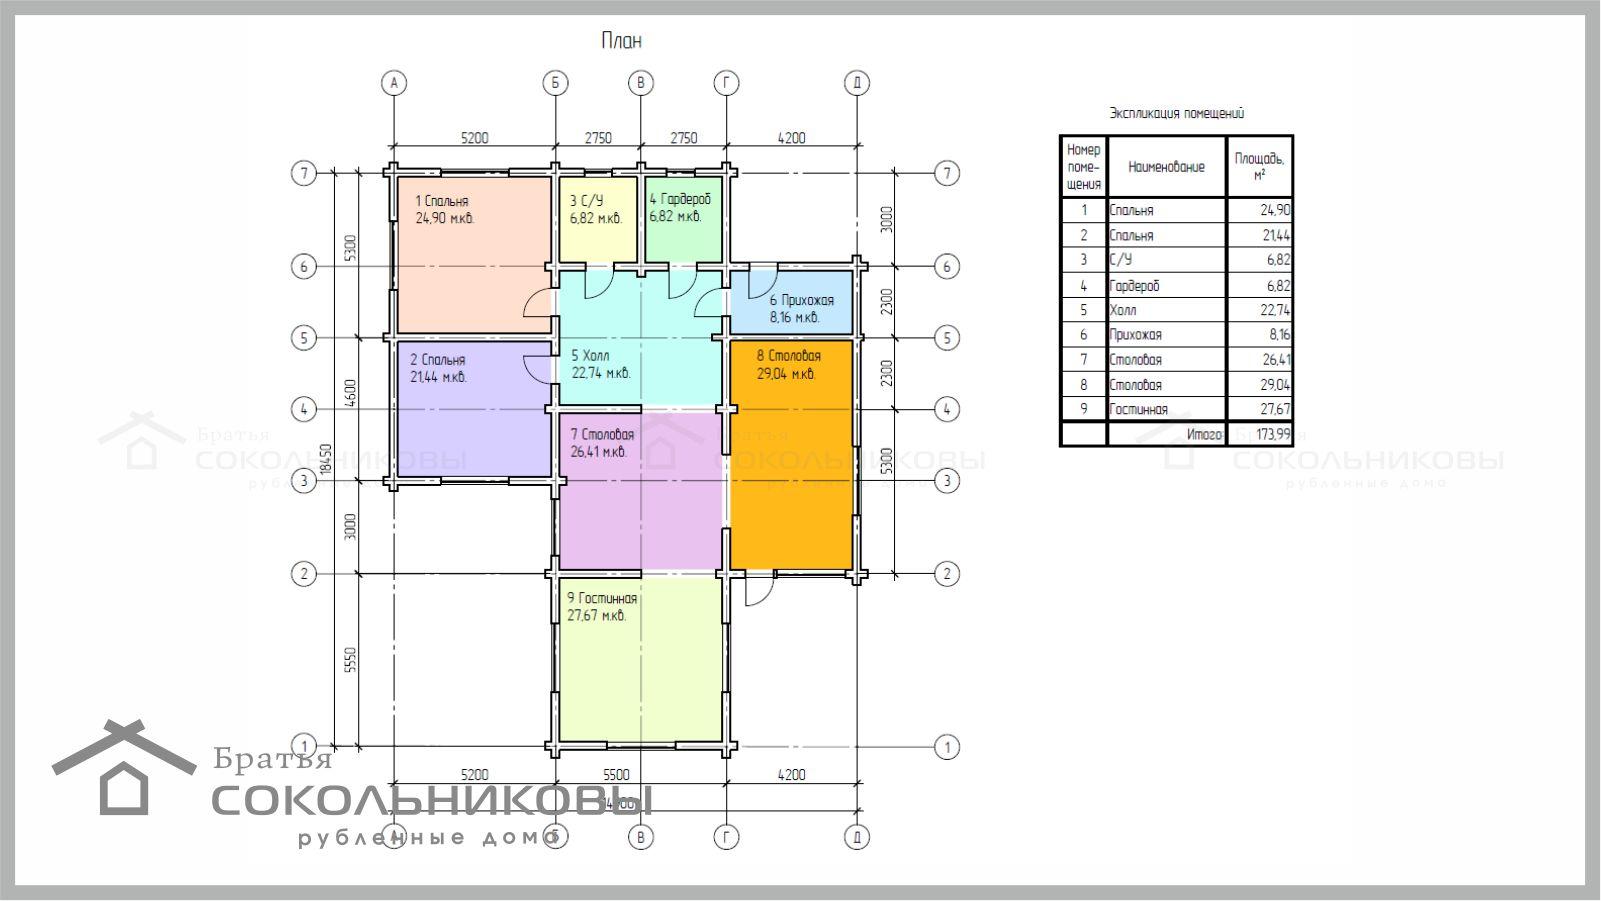 Дом в диком стиле, 174 кв. м, фото 1